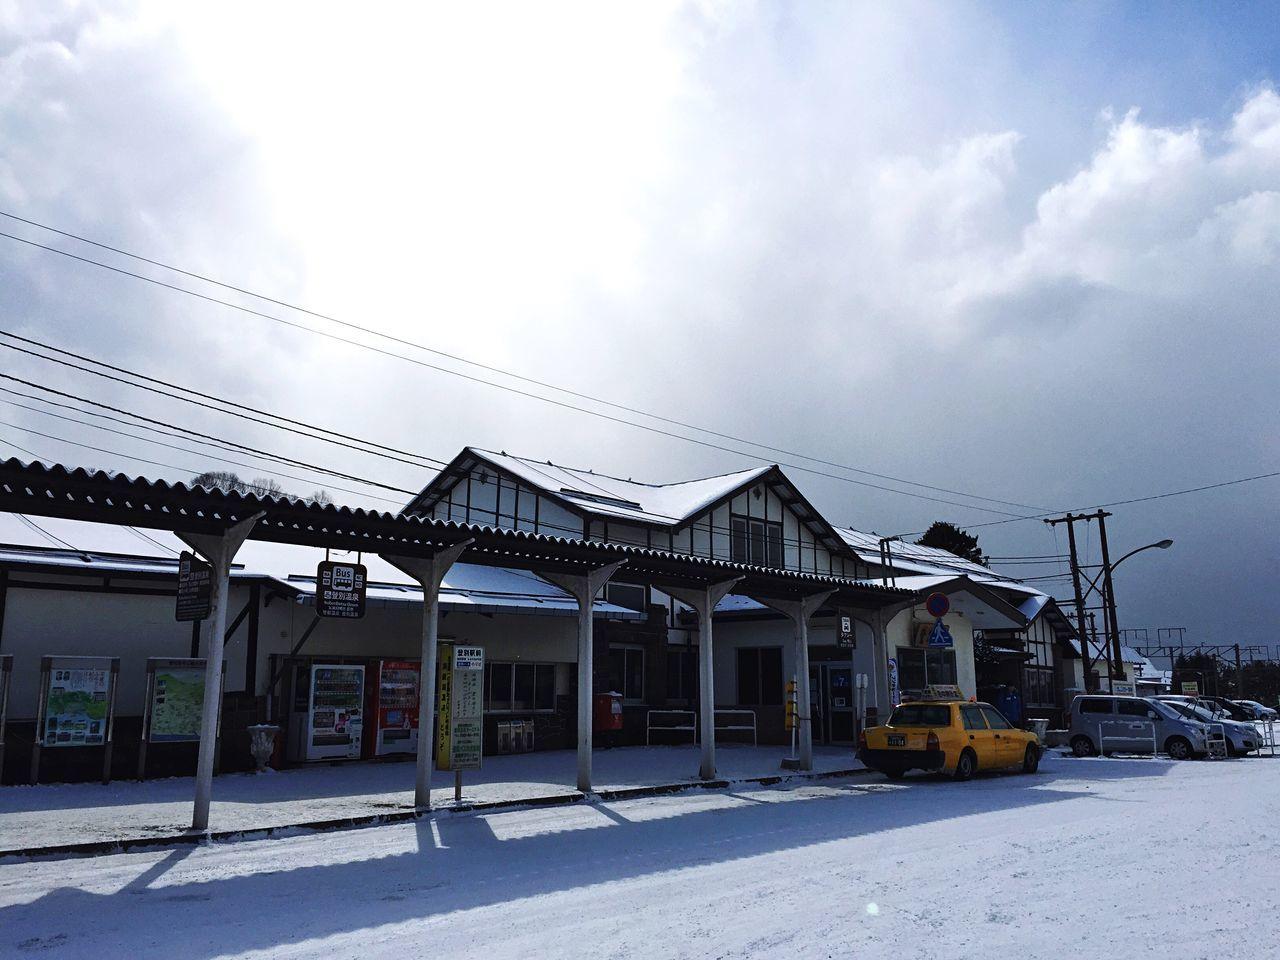 登別駅 雪 空 雲 日本 千歳へ Station Snow Sky And Clouds Japan